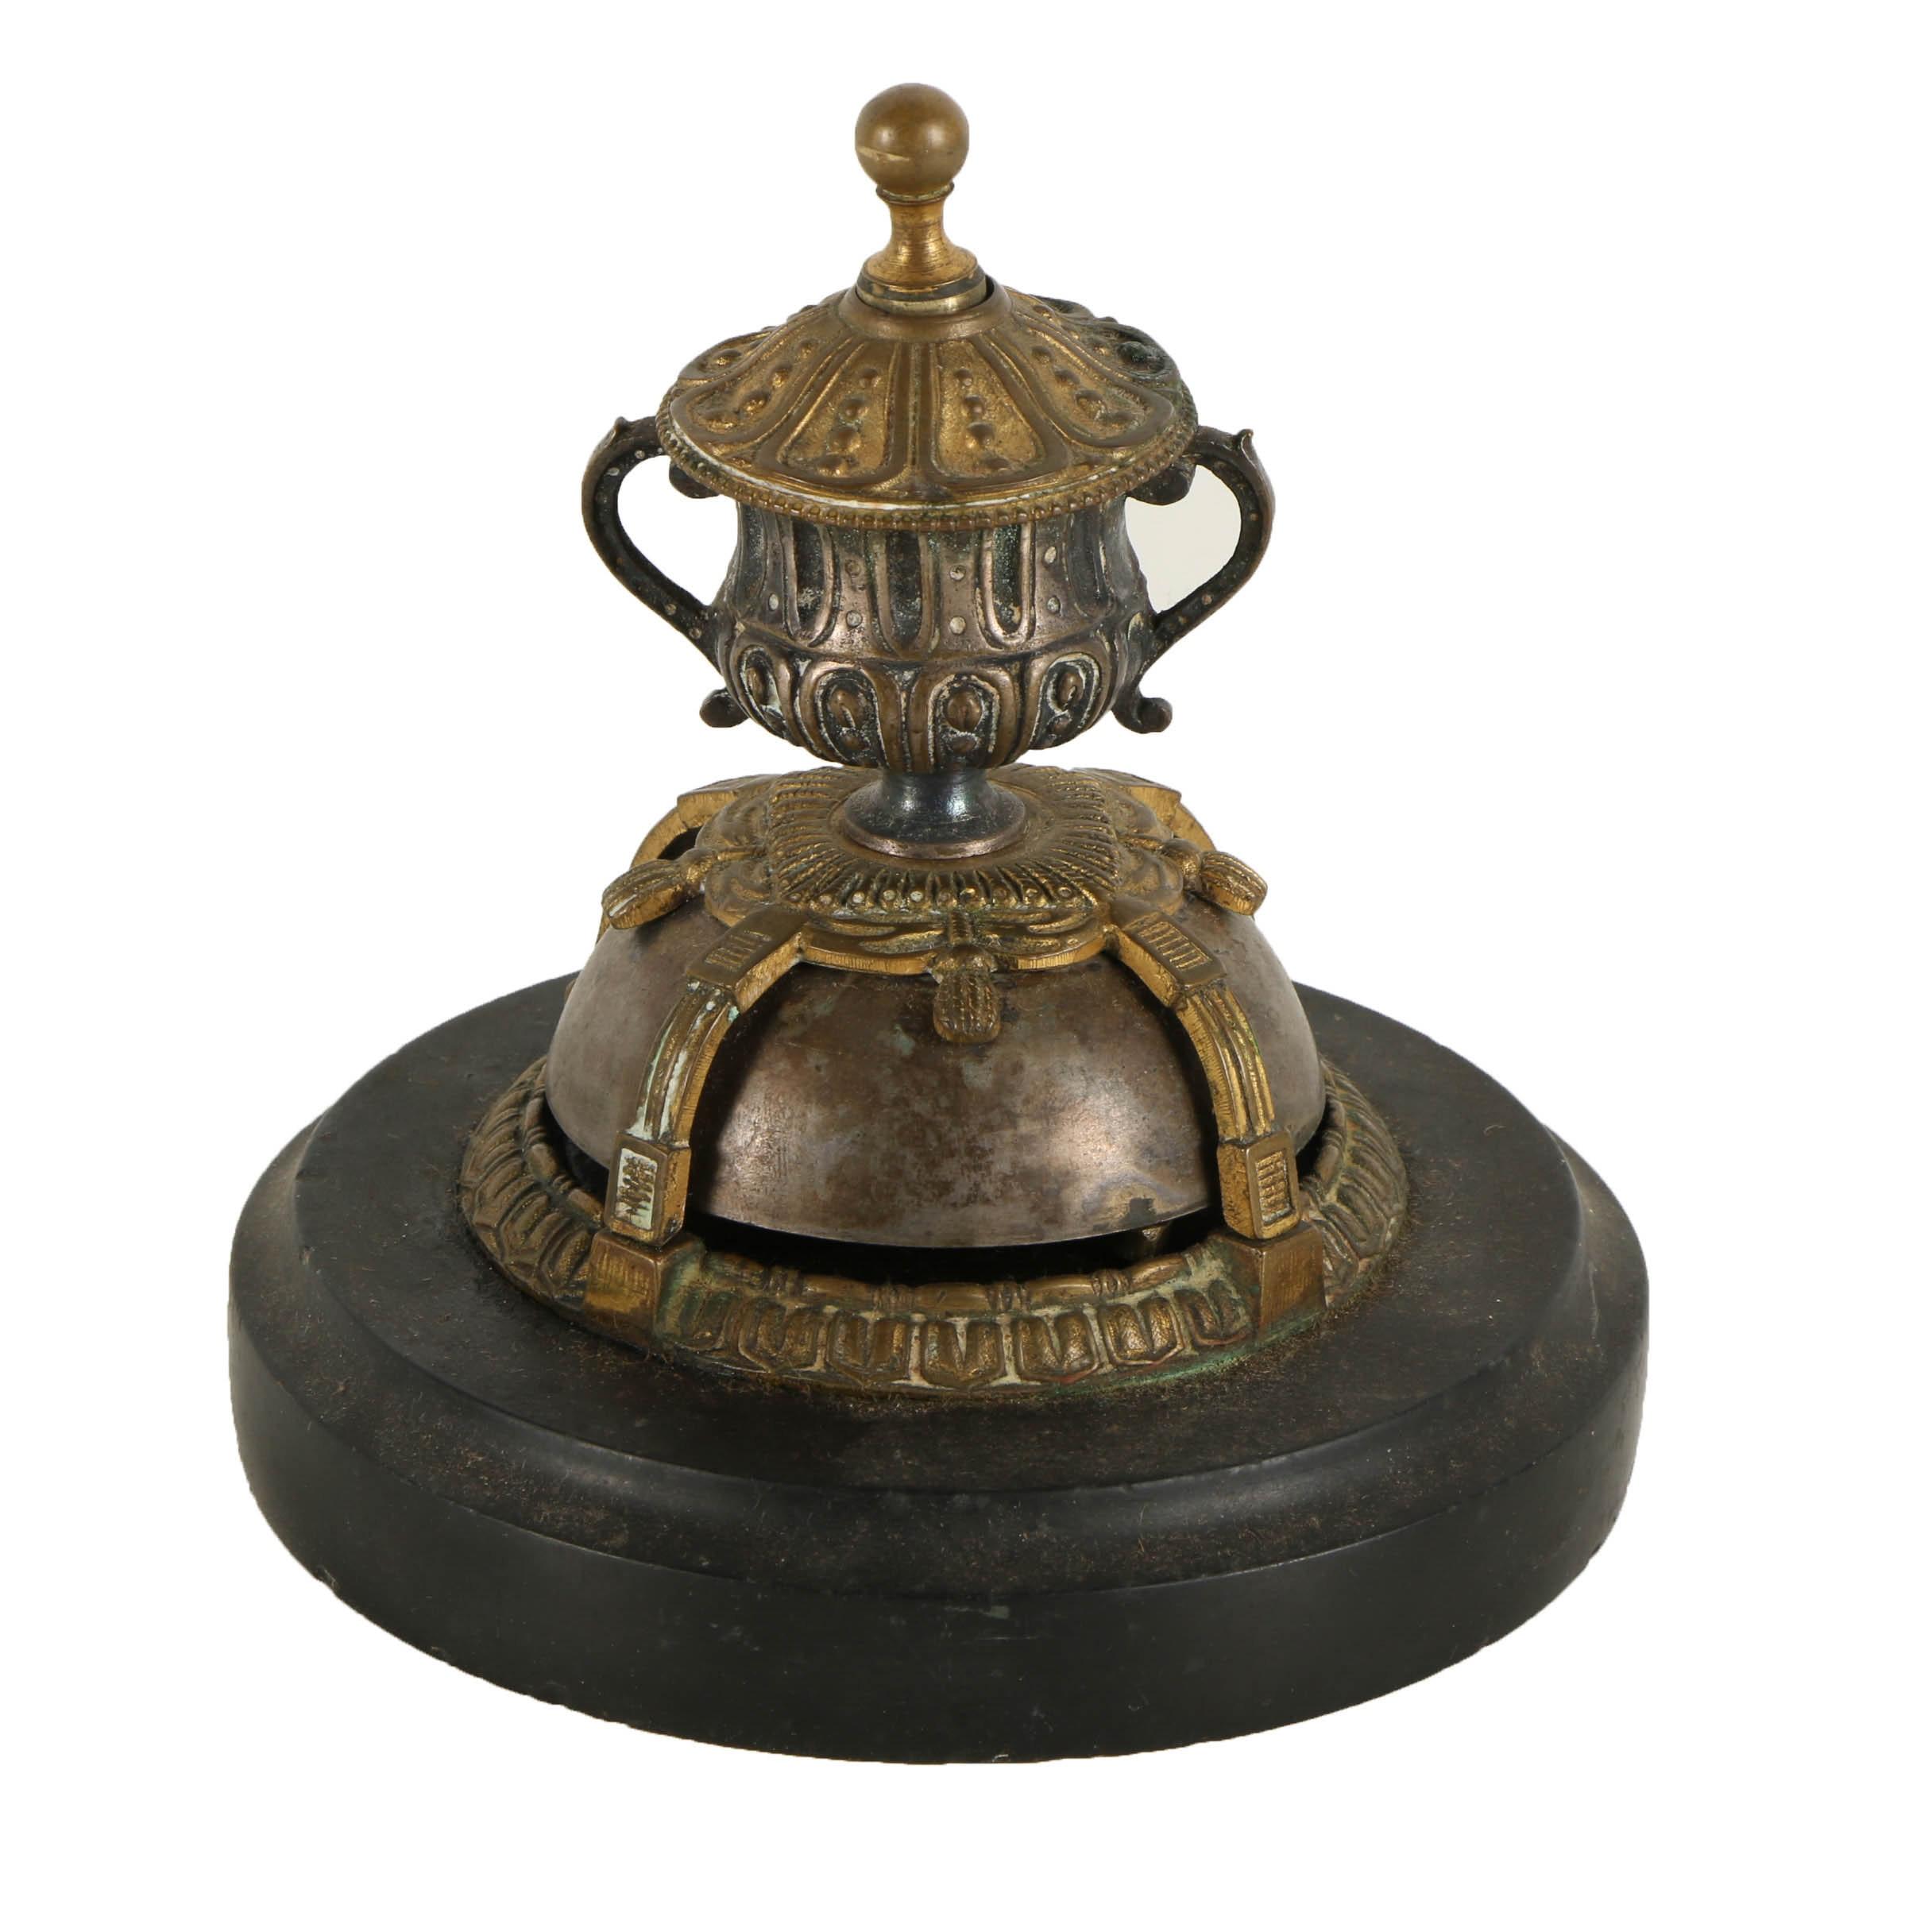 Ornate Brass Service Desk Bell